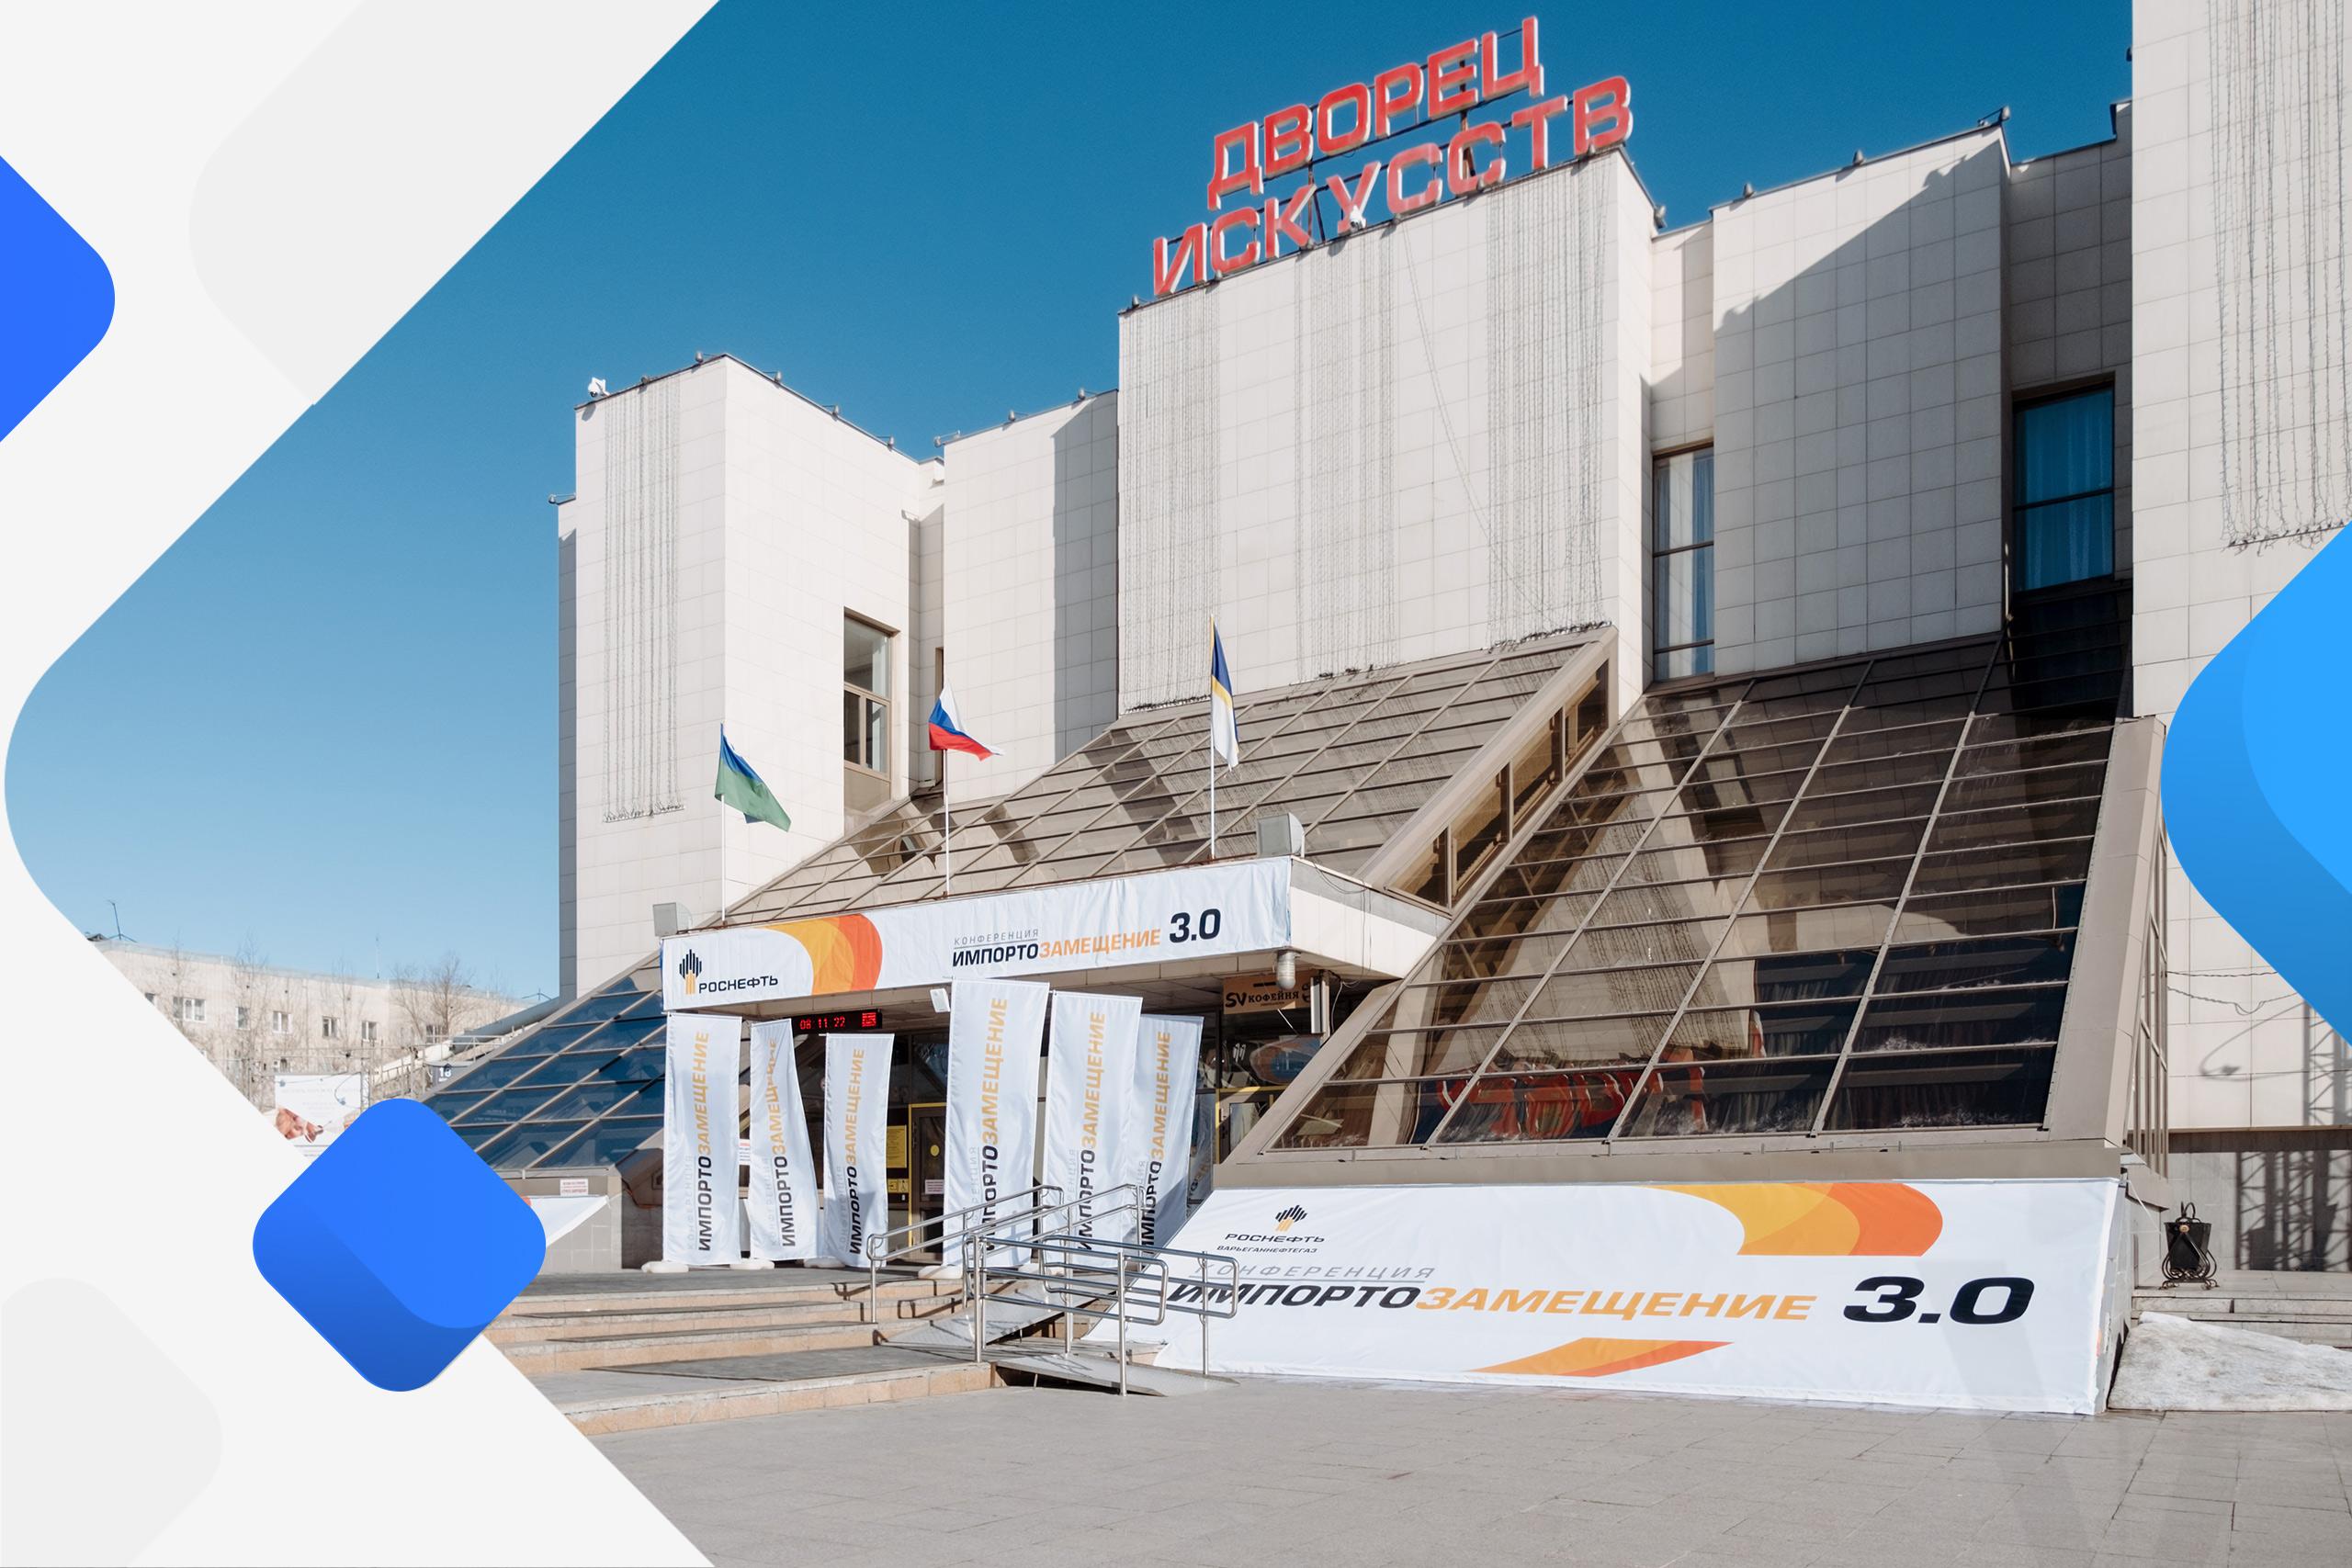 Конференция «Импортозамещение 3.0» в Обществах Группы ПАО «Варьеганнефтегаз».